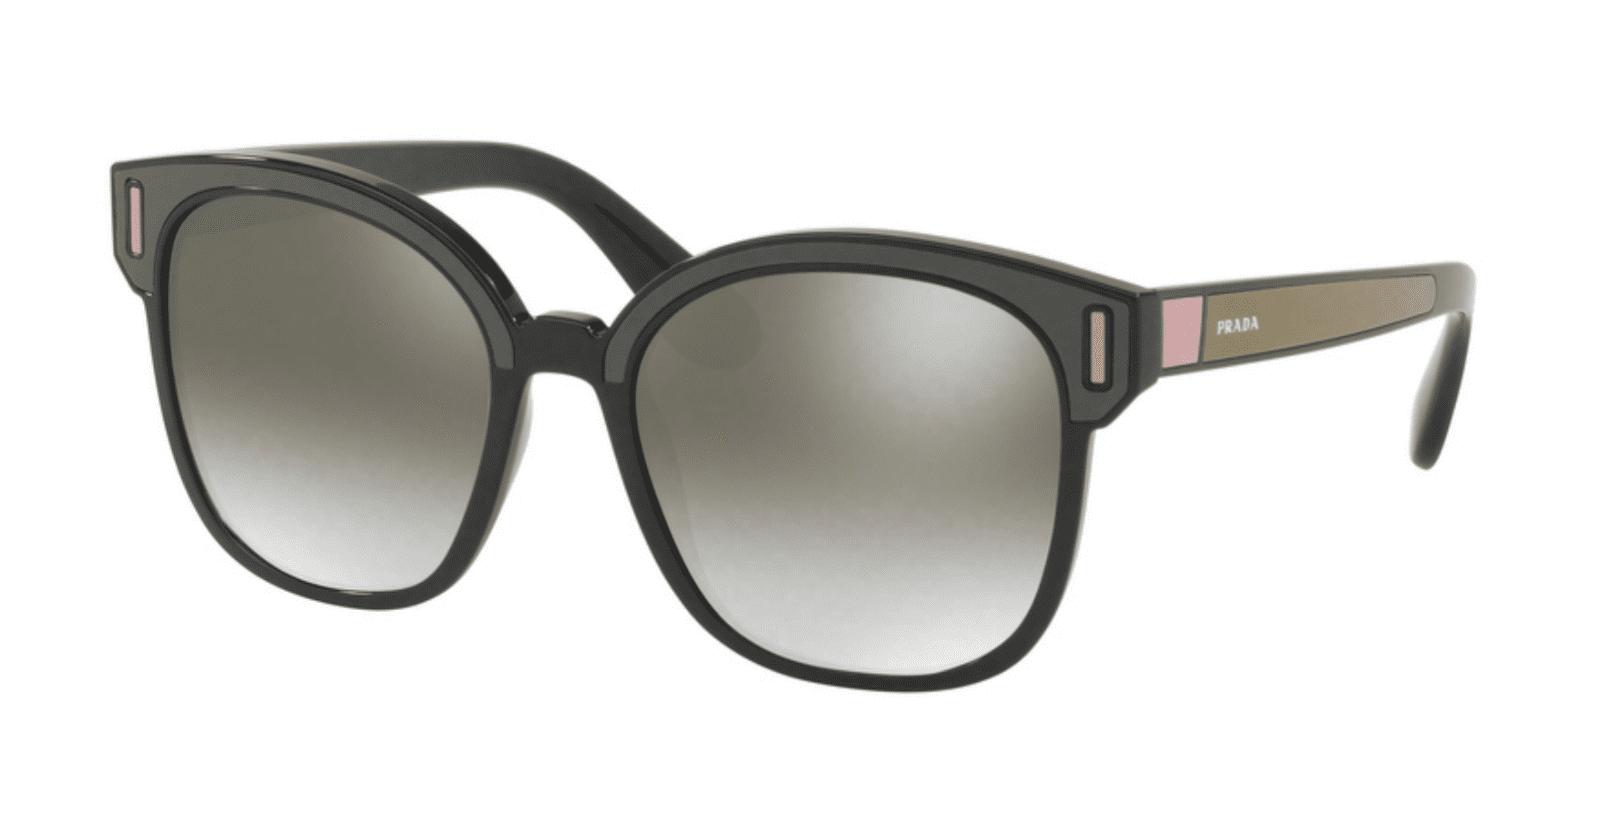 689034a9ce8a Prada - Prada PR 05US SVK5O0 Black/ Brown/ Pink Square Sunglasses -  Walmart.com